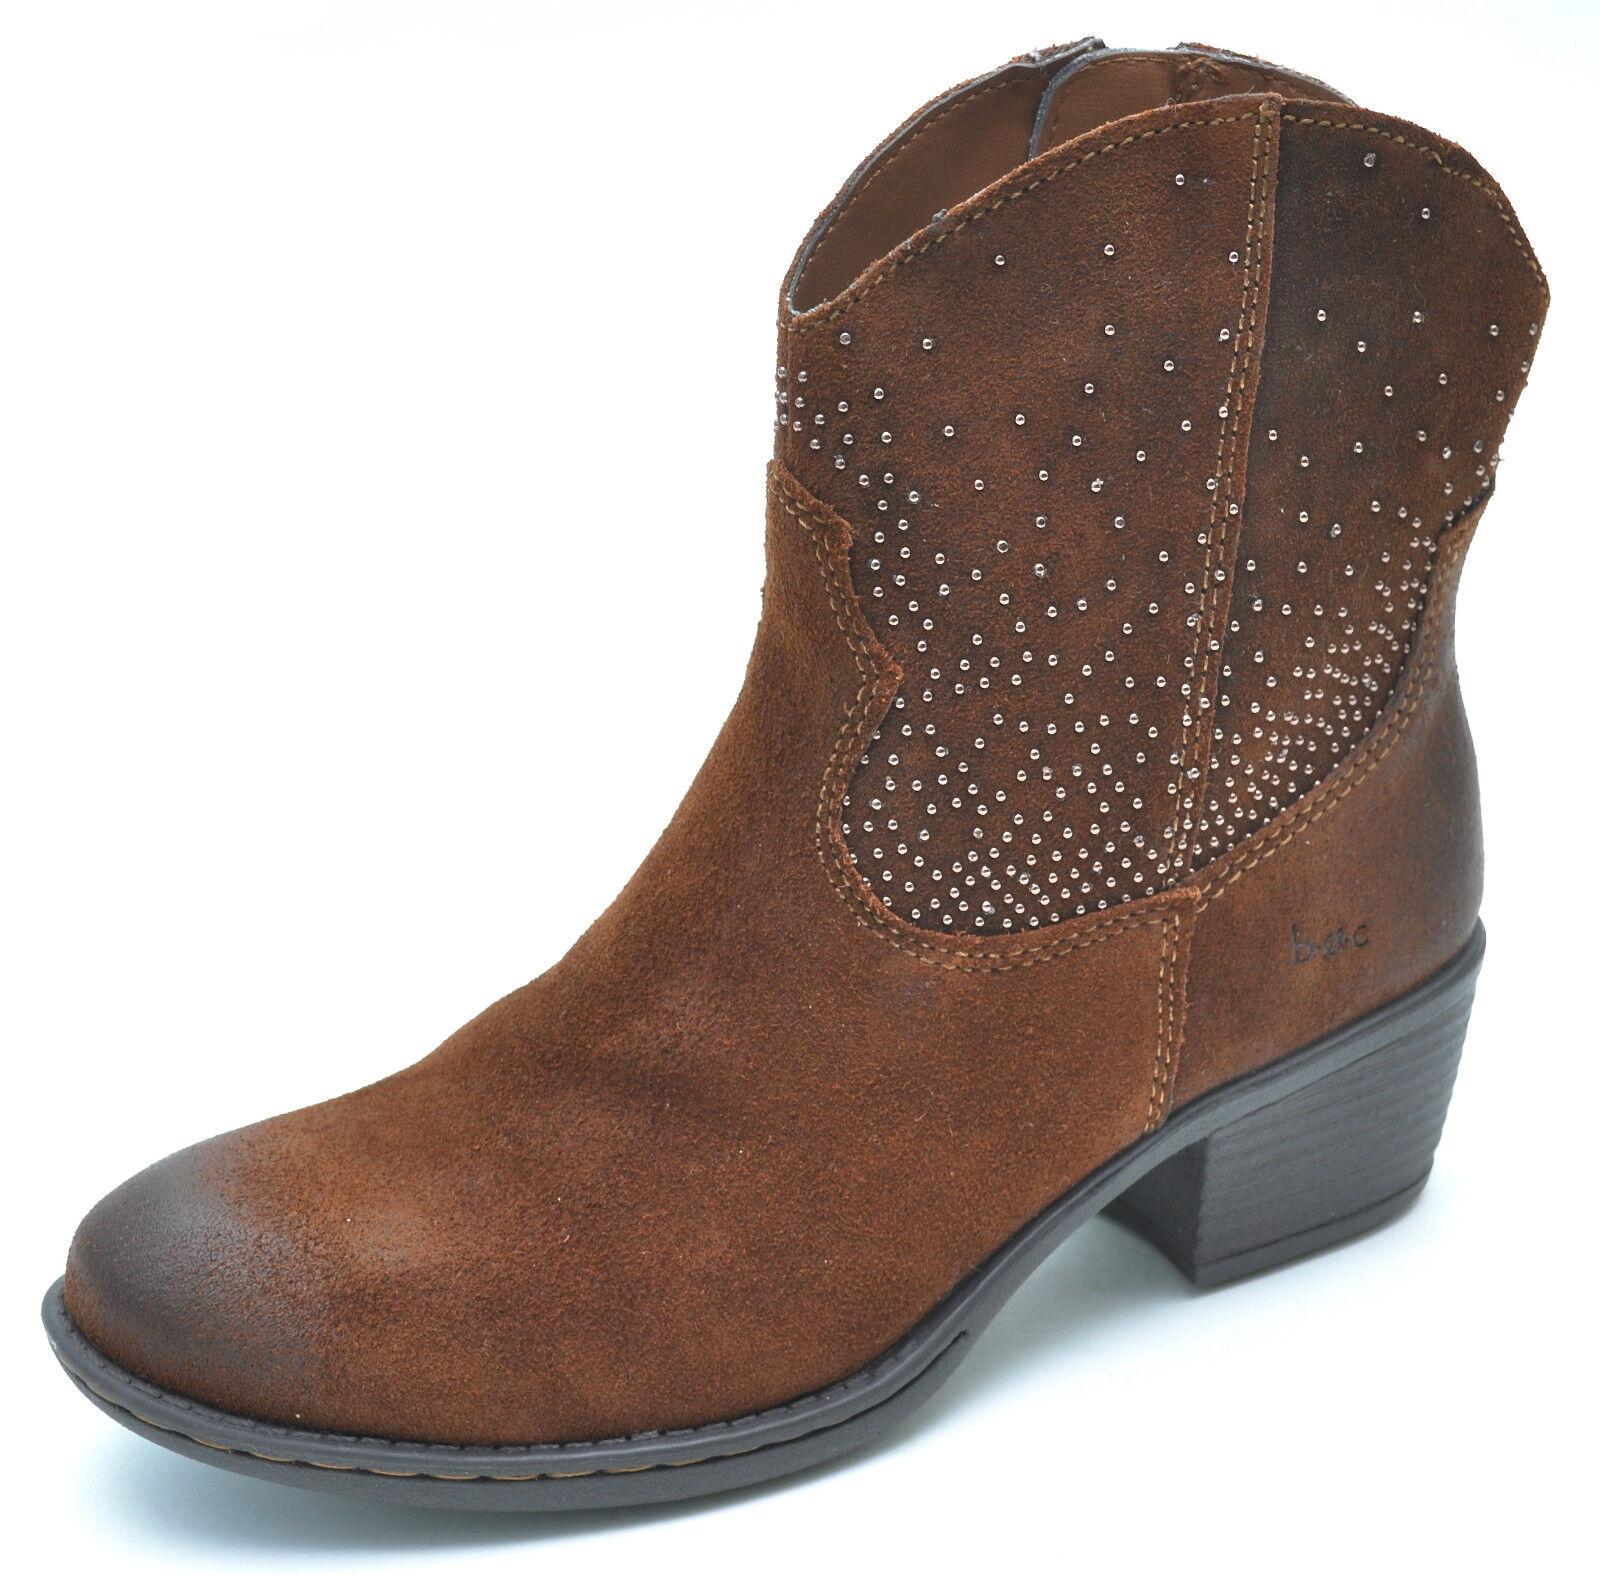 vendita online Born B.O.C Ambrosia Marrone Suede Ankle stivali Donna    6.5 - NEW - C42106  economico e di alta qualità